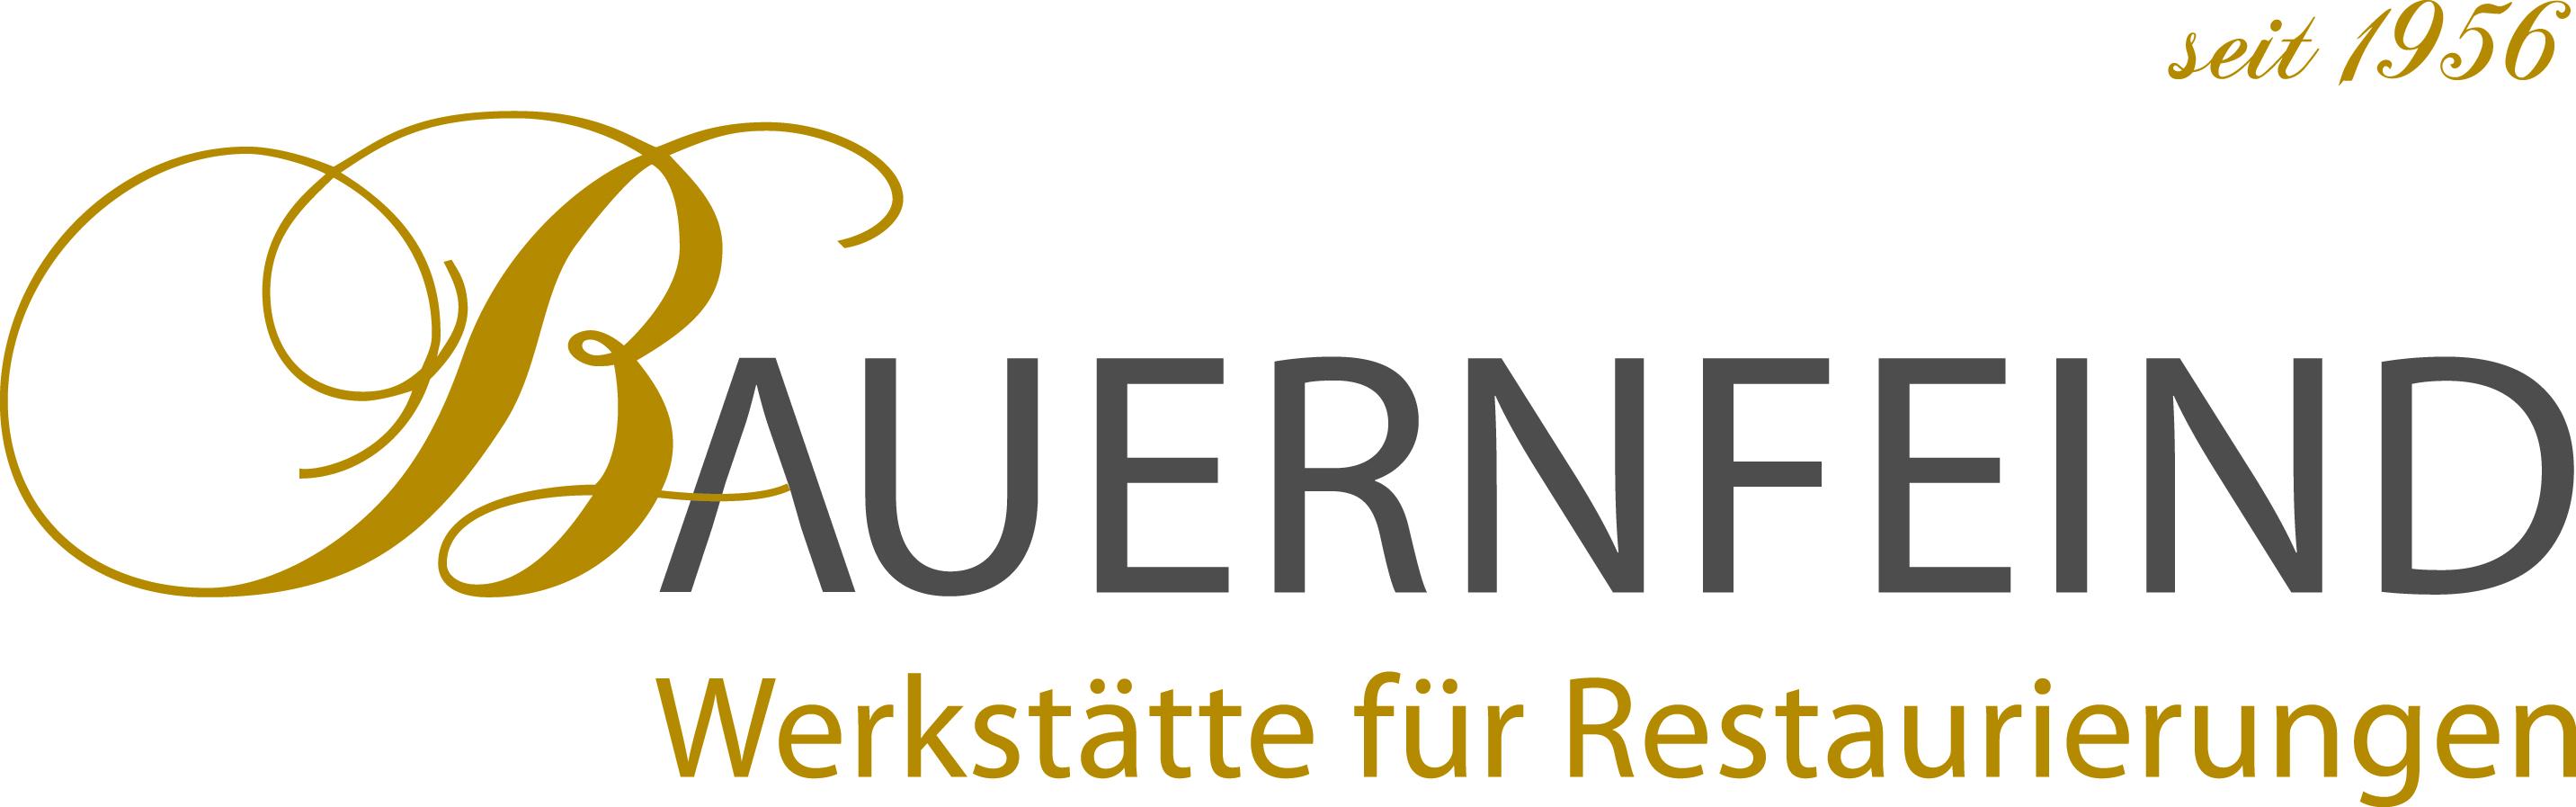 Bauernfeind Logo